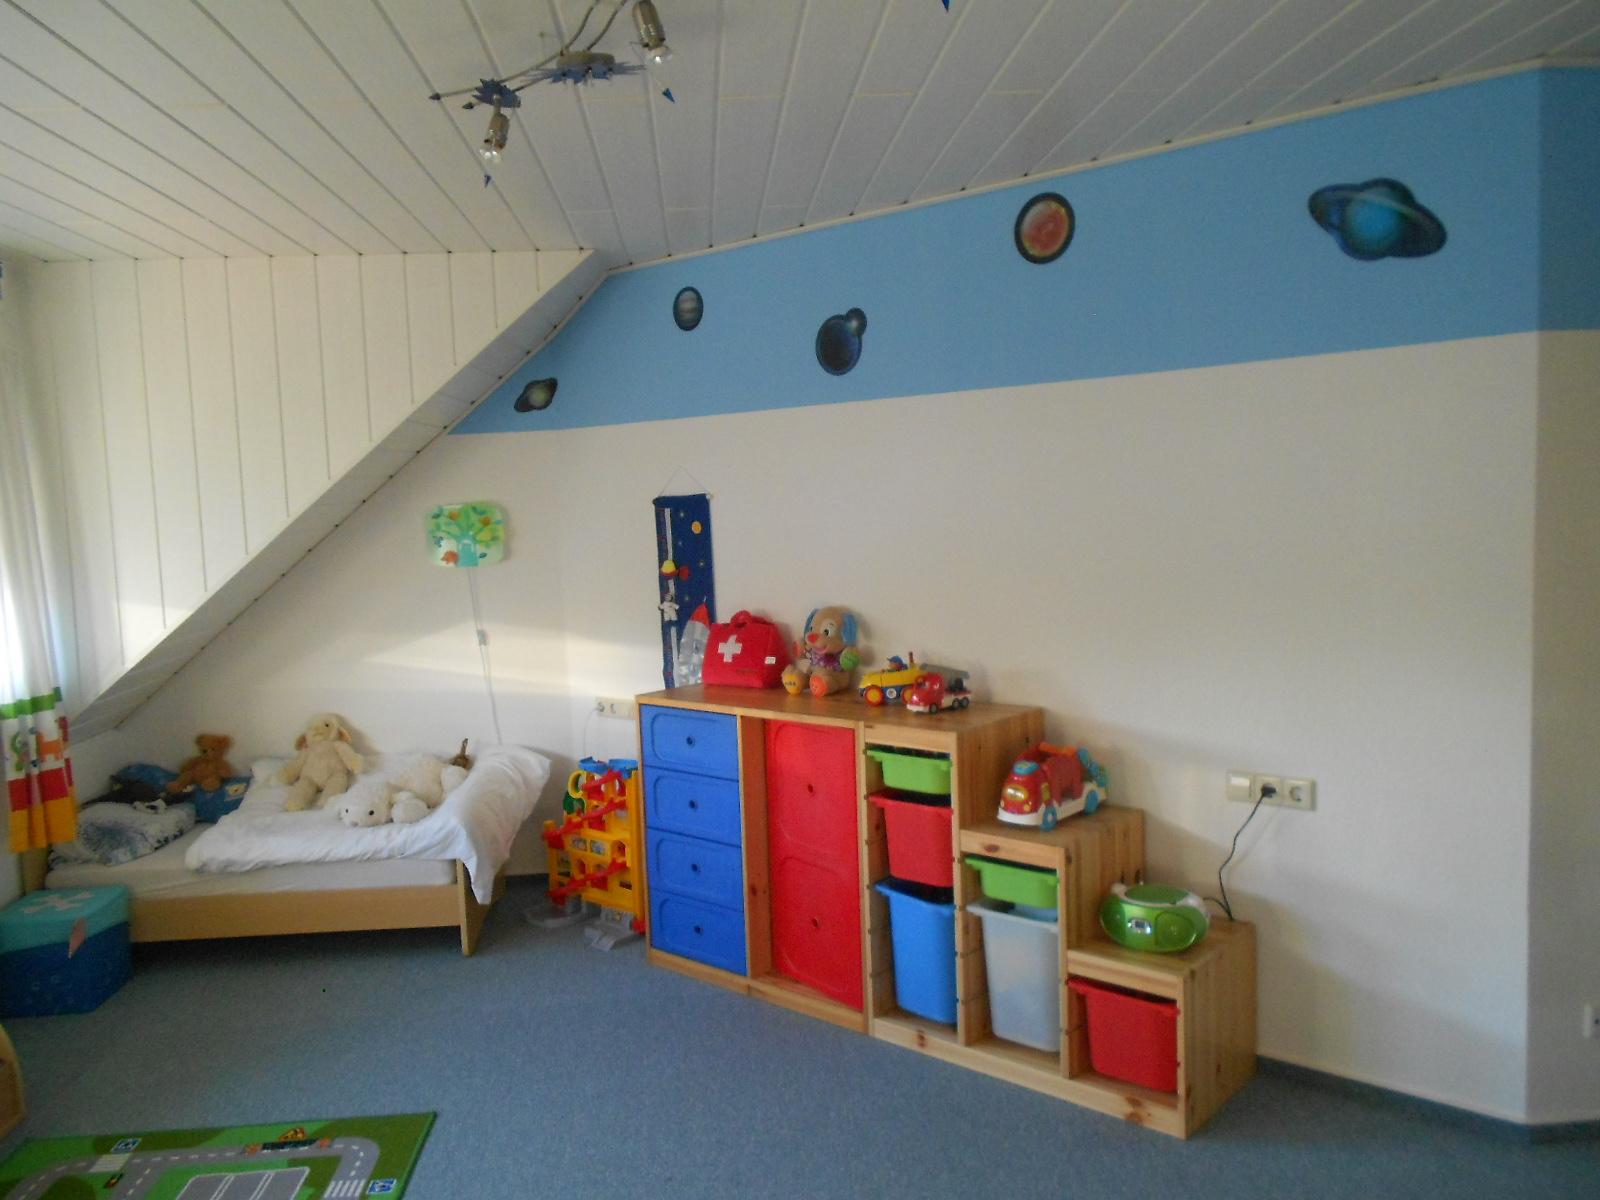 Kinderzimmer für 2 jährige  Welche Wandfarben Zu Kupfer